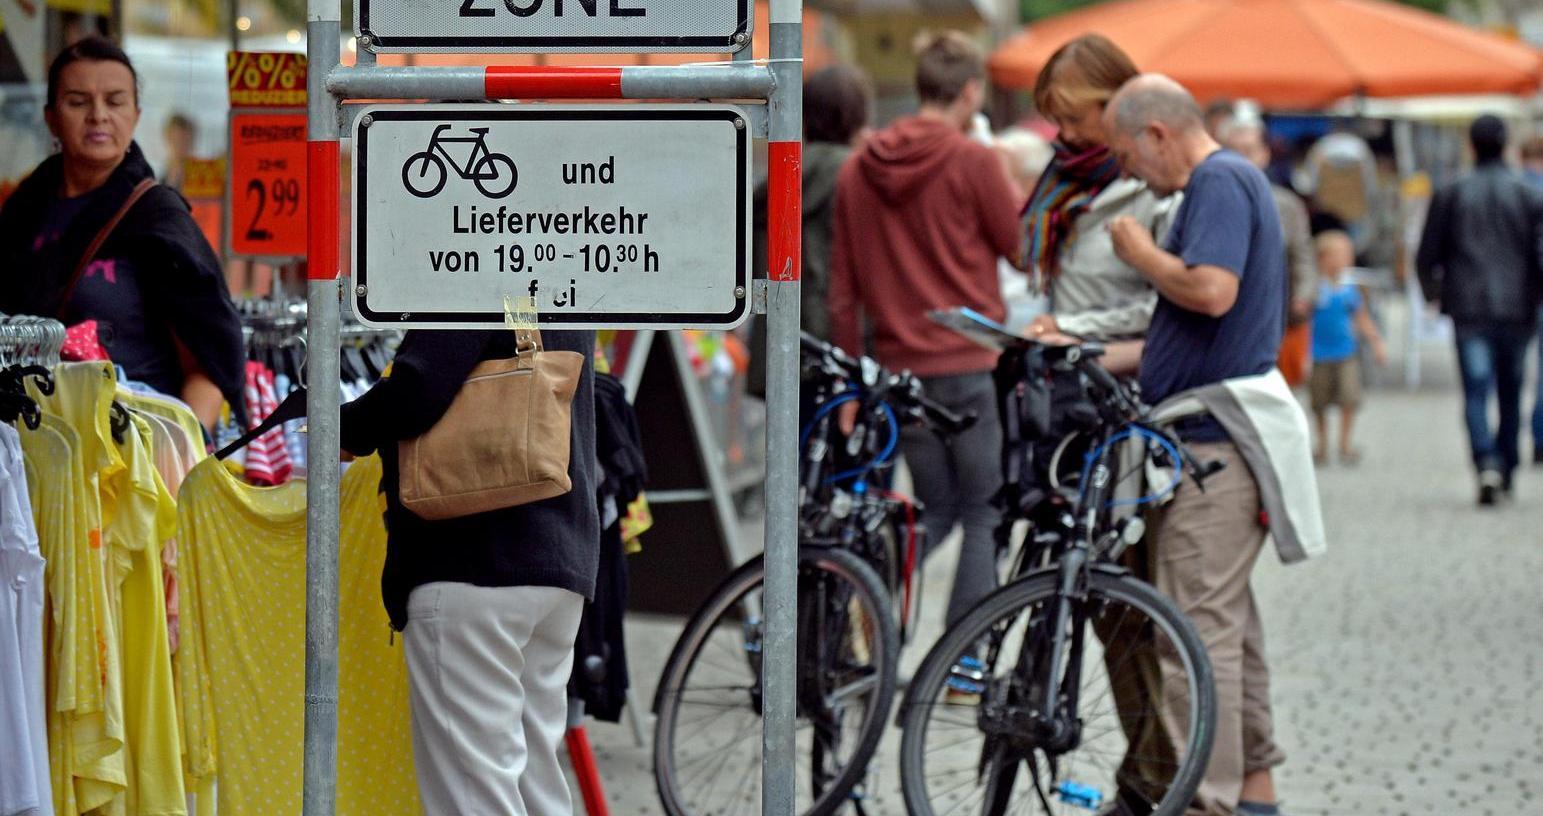 Meist friedlich bewegen sich Radler und Fußgänger nebeneinander her. Die Polizei muss kaum einschreiten, Unfälle sind die Ausnahme.